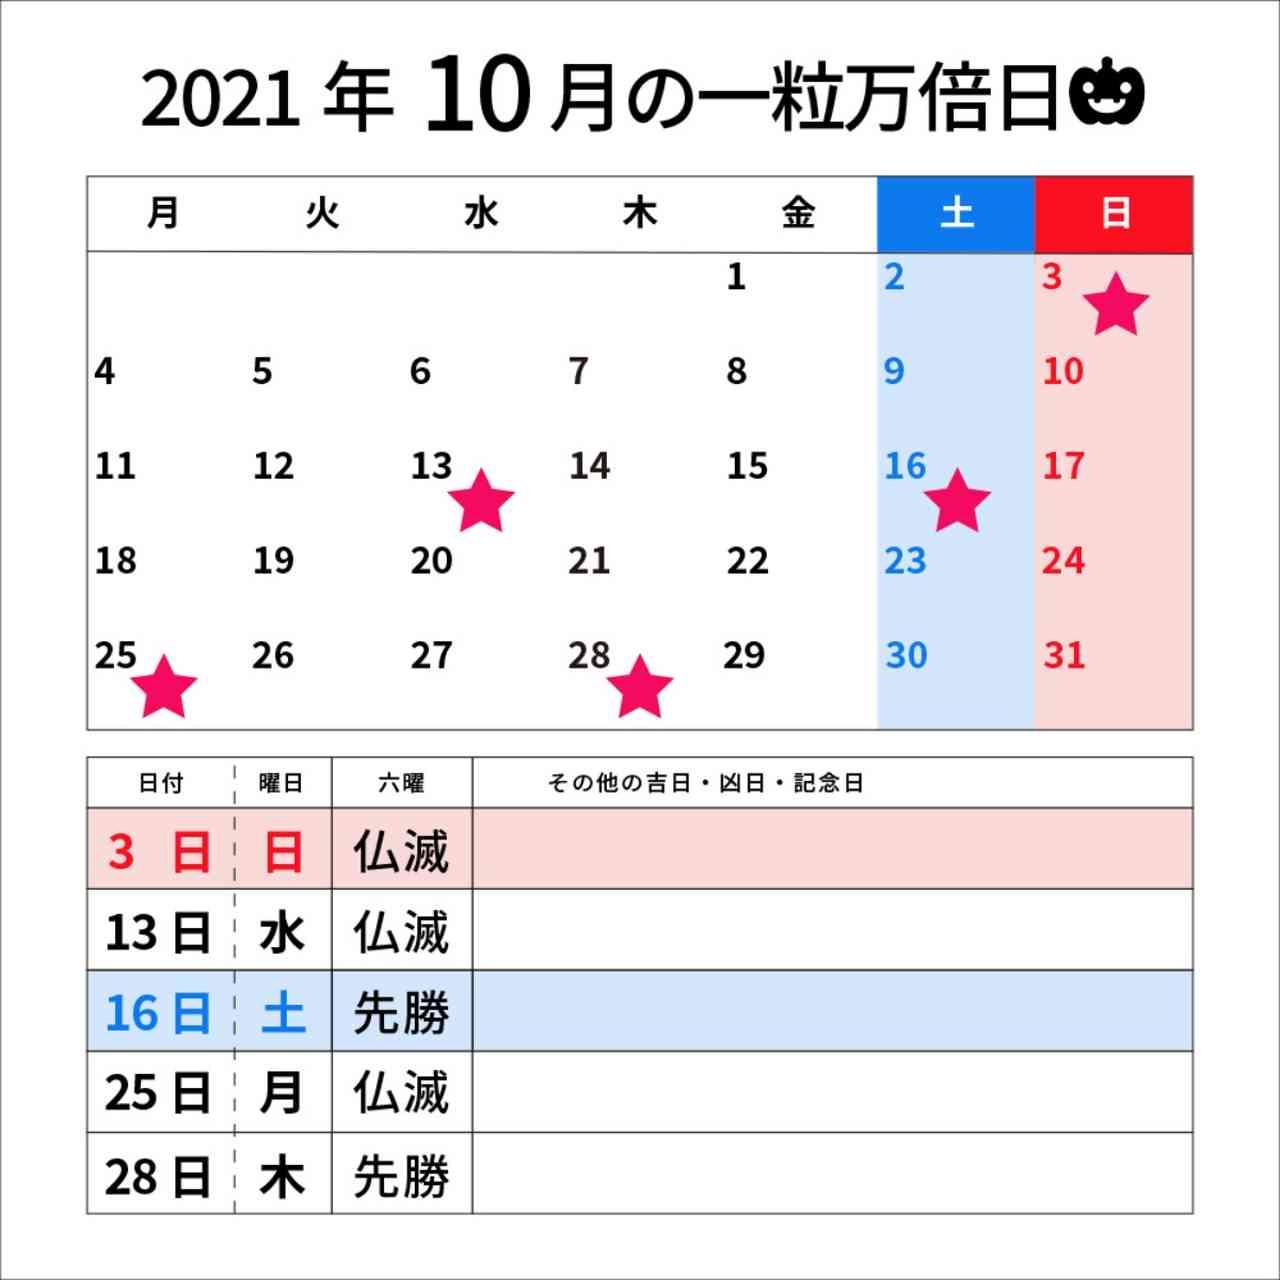 2021 年 10 月 カレンダー